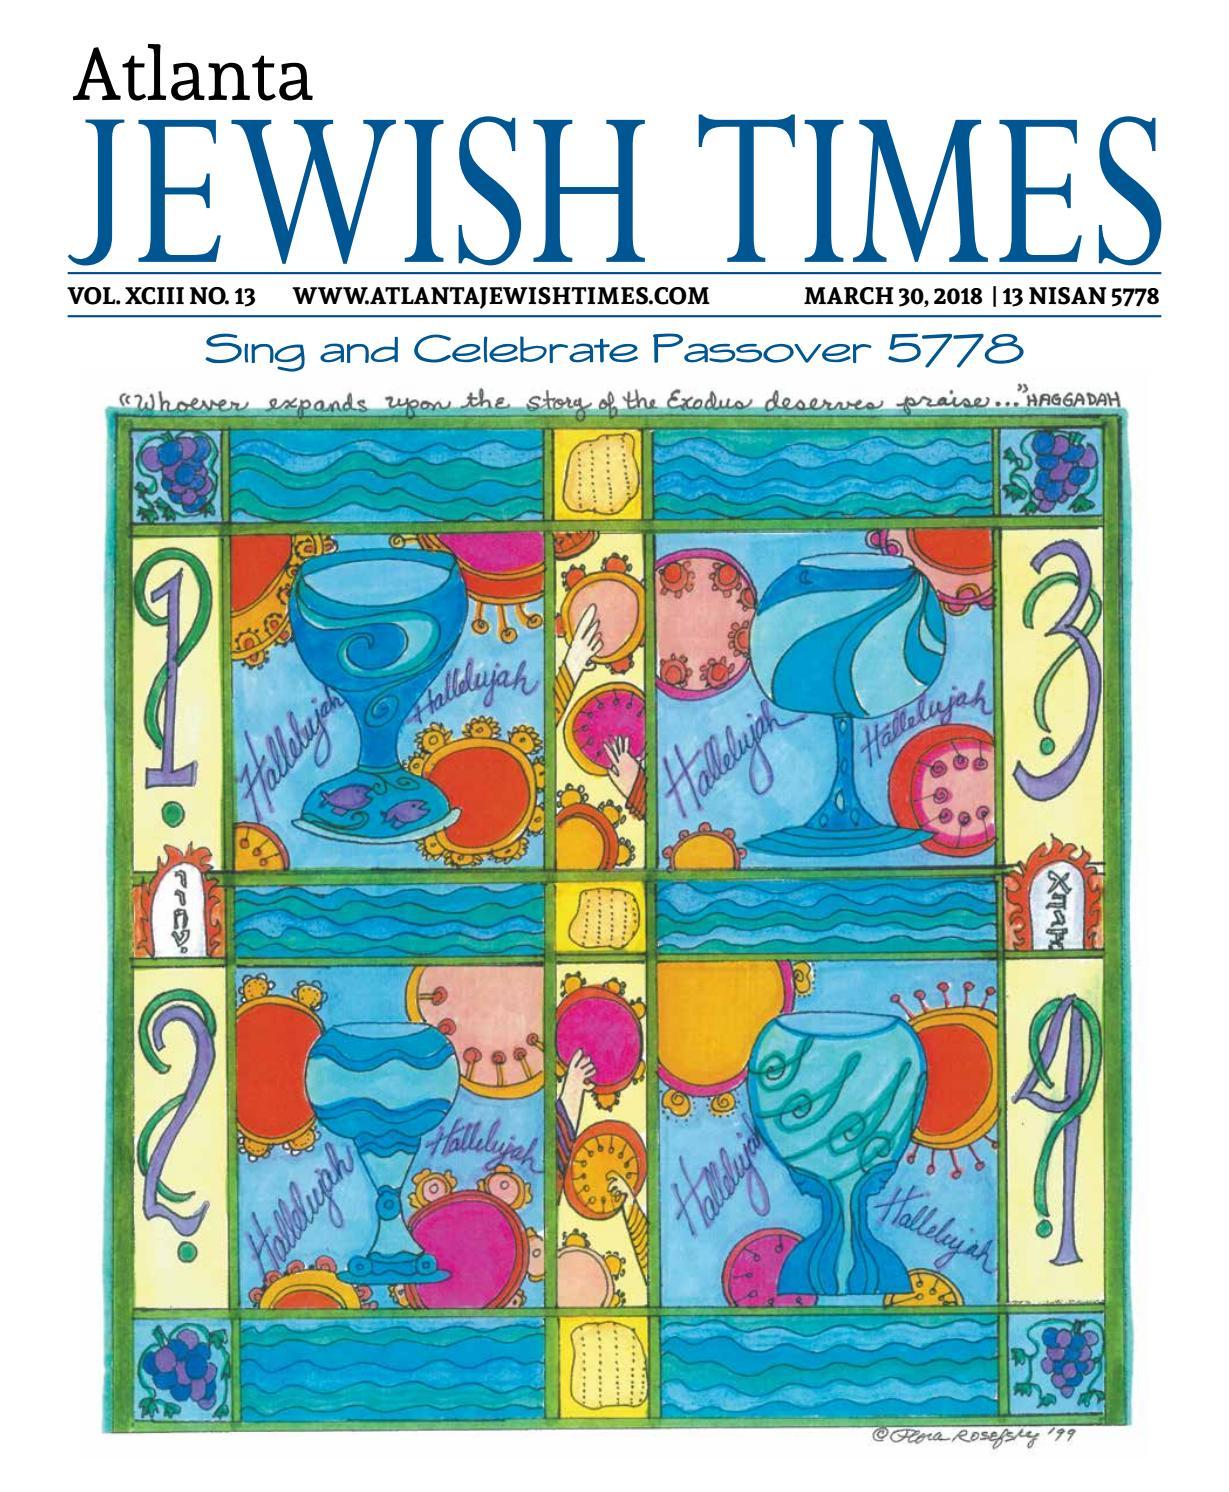 Atlanta Jewish Times, Vol. XCIII No. 13, March 30, 2018 by Atlanta Jewish  Times - issuu 0cf00adbee